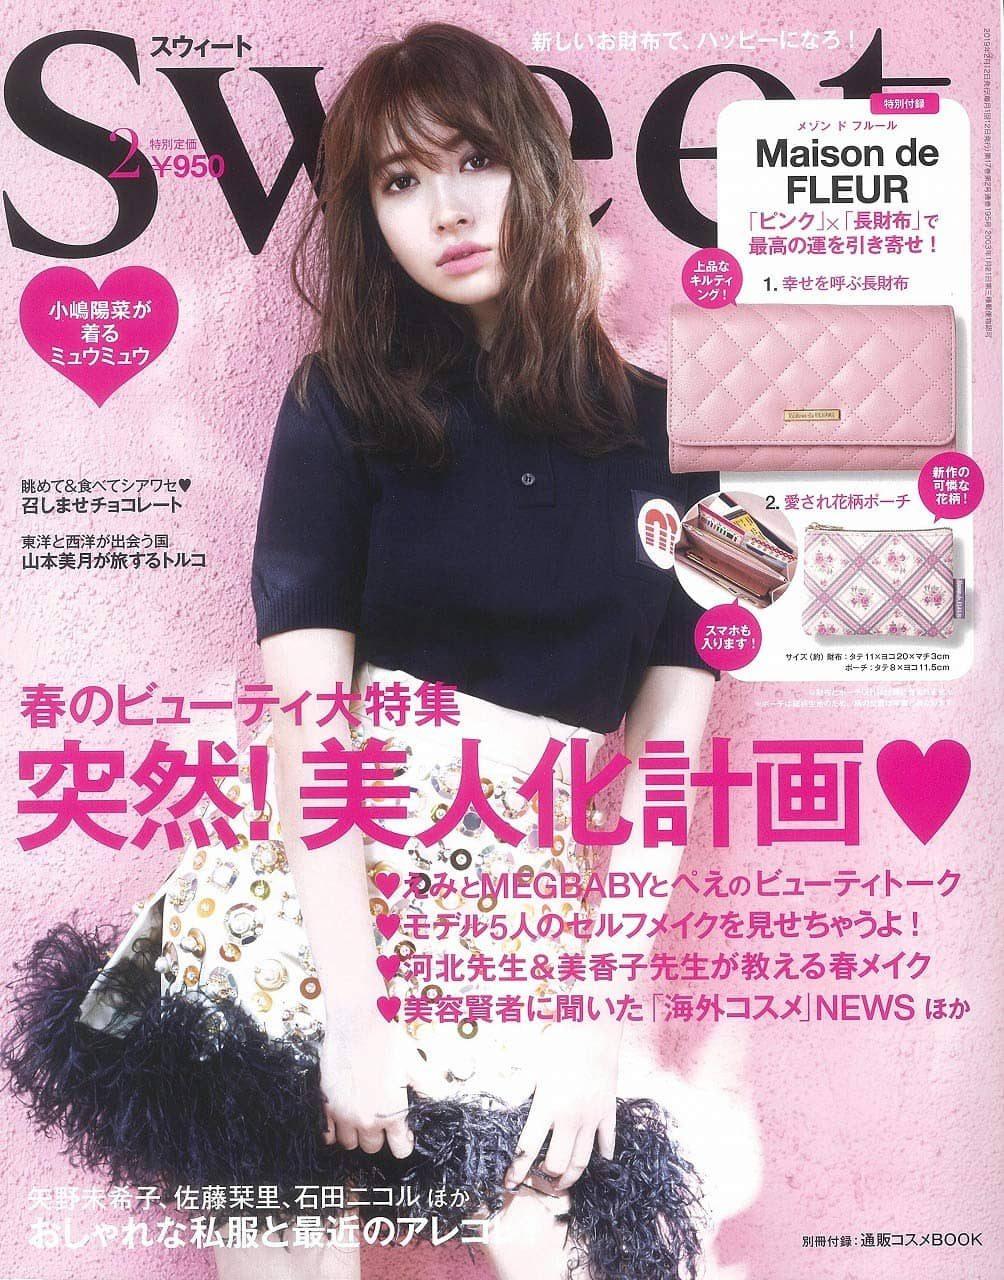 小嶋陽菜「Sweet 2019年2月号」表紙掲載! <春のビューティー大特集> [1/12発売]